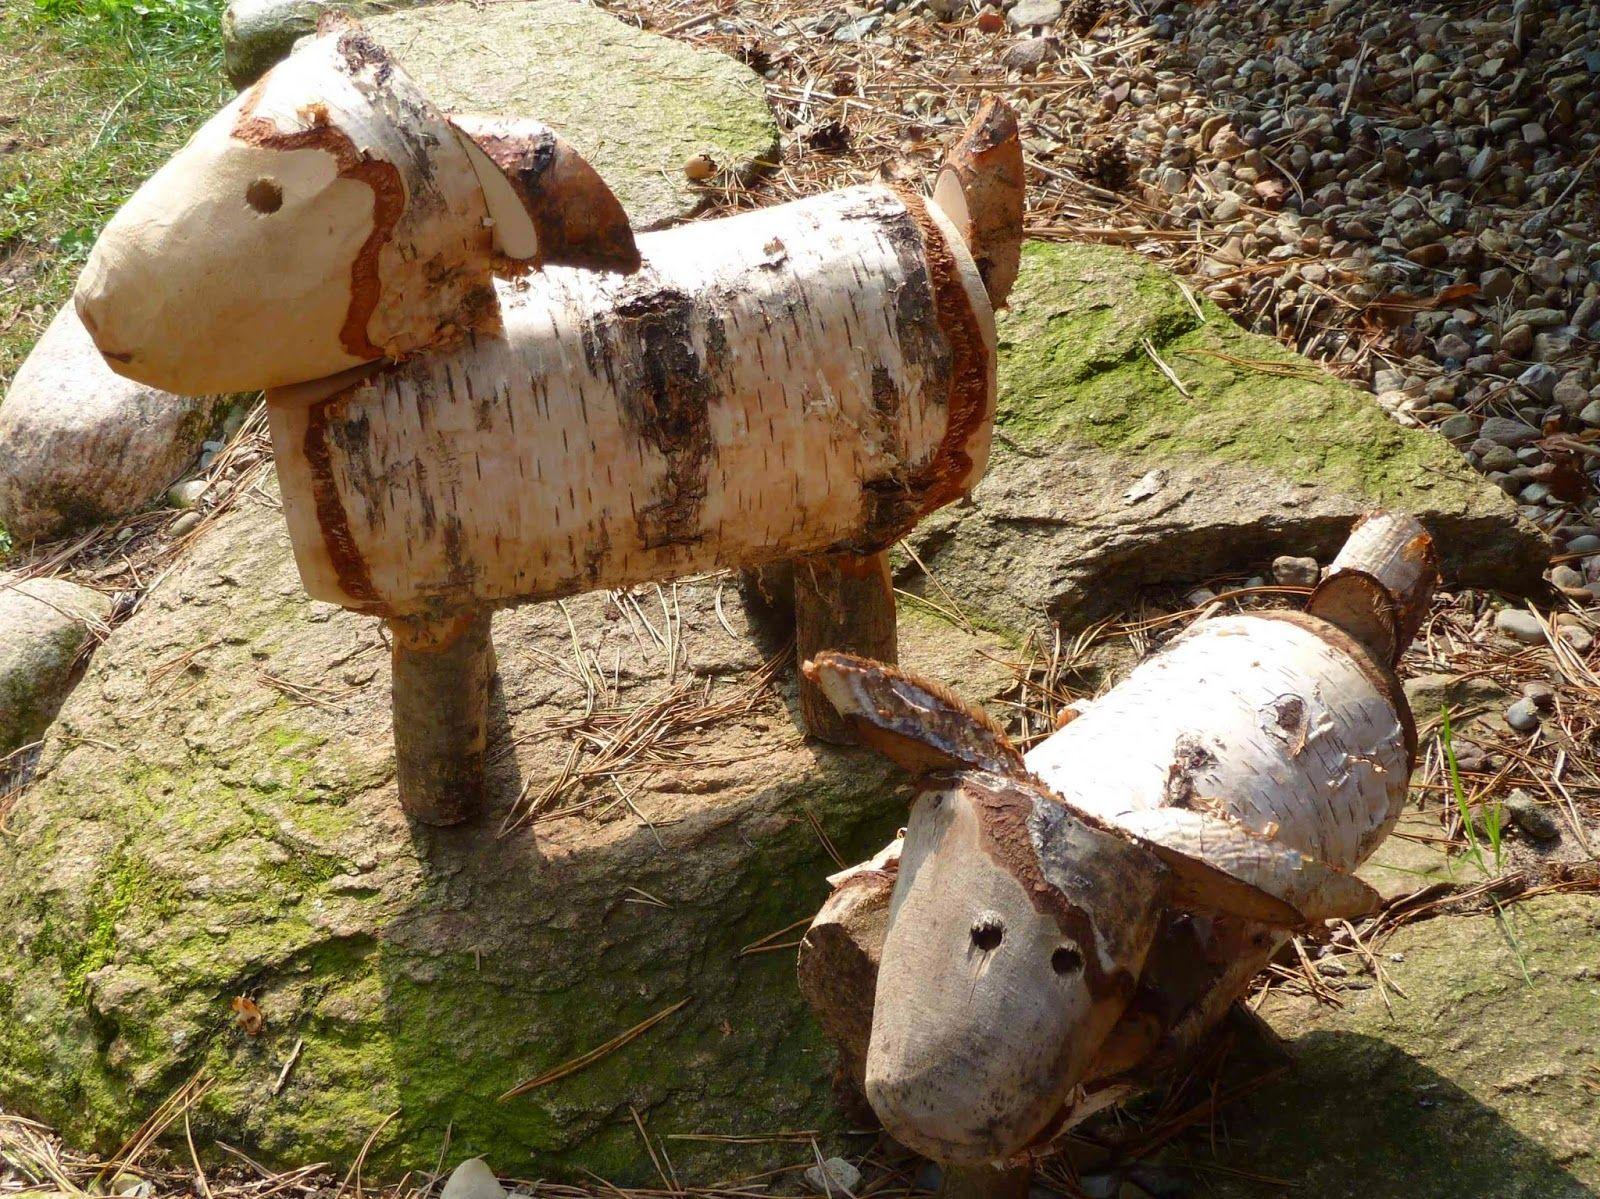 Pingl par mary kotula kunde sur wood pinterest bois for Animaux deco jardin